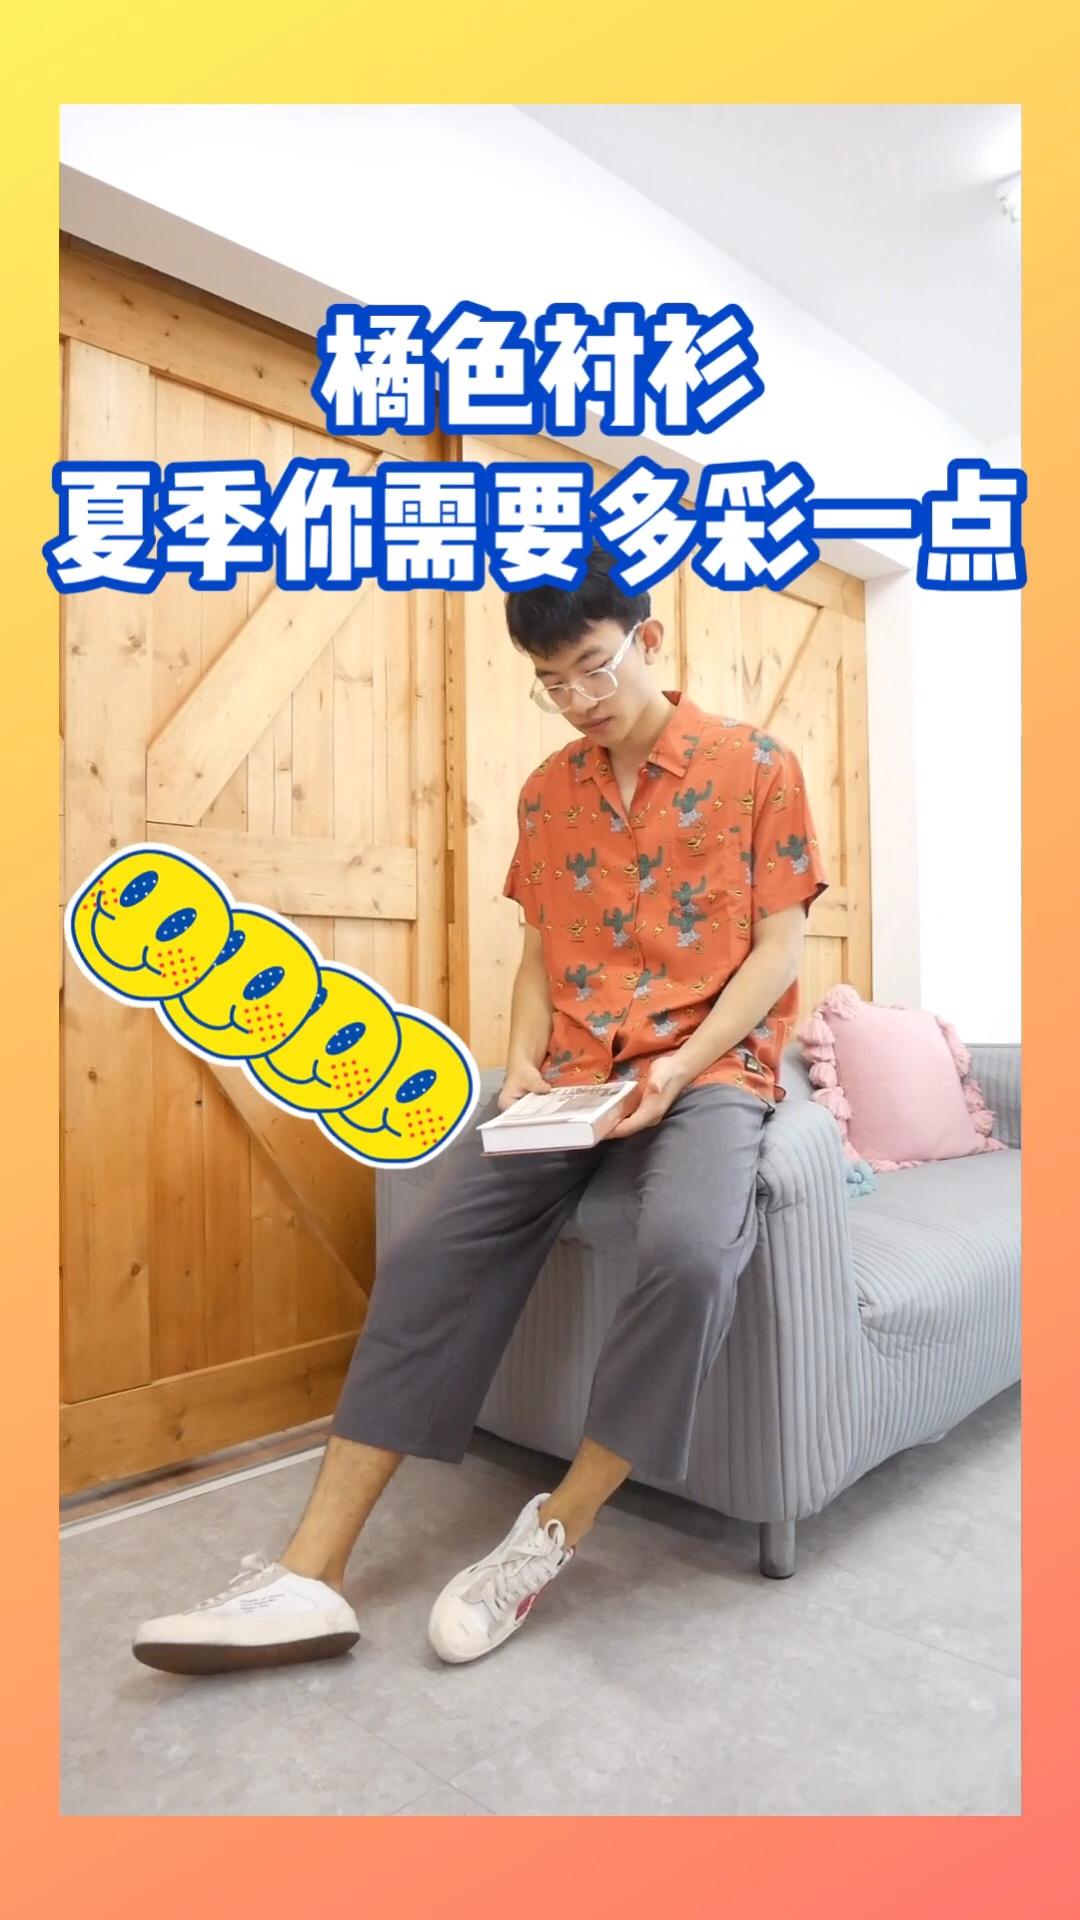 #假期这样穿,收获甜甜甜恋爱# 橘色的短袖衬衫很好看啊 印花设计很有意思 卡通的形象完全可以当情侣装穿! 好了 现在衬衫有了 请问小姐姐是蘑菇街分配吗 在线等 挺急的